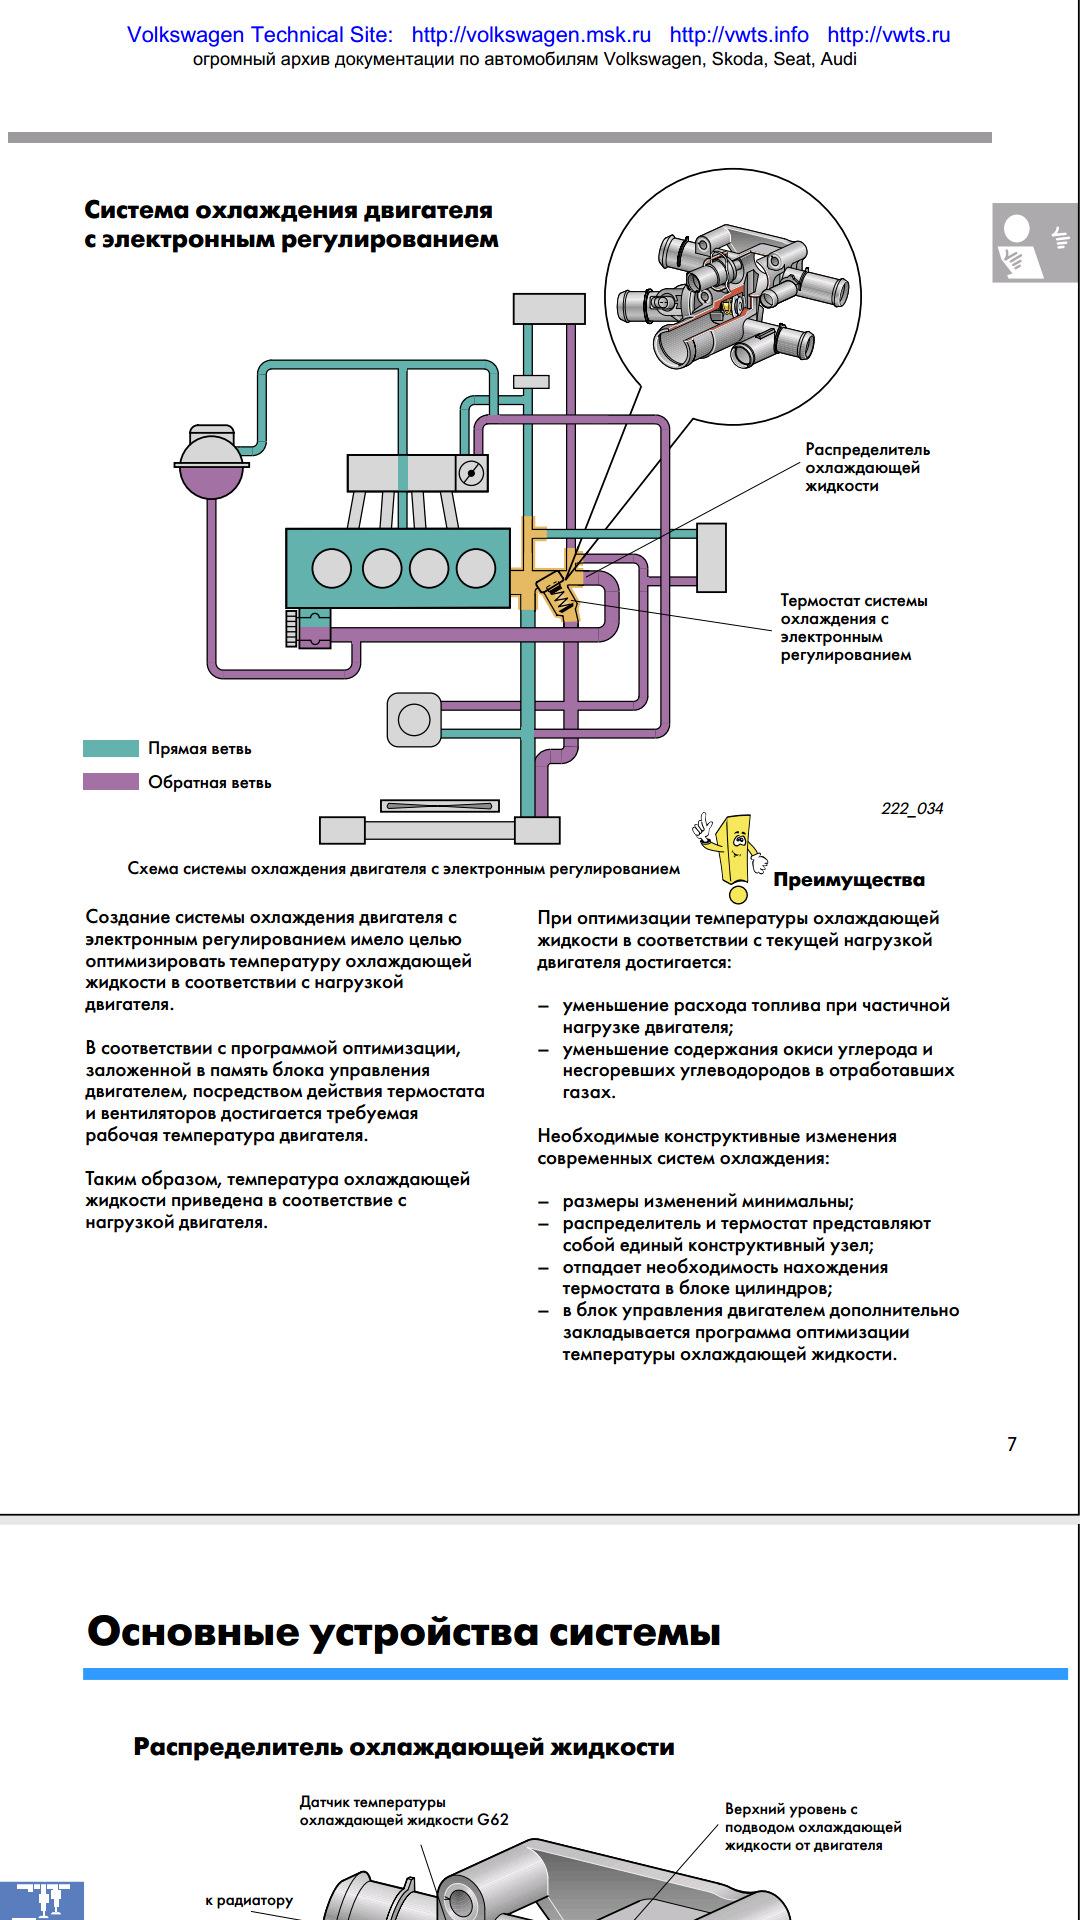 Схема подключение датчика указателя температуры охлаждающей жидкости